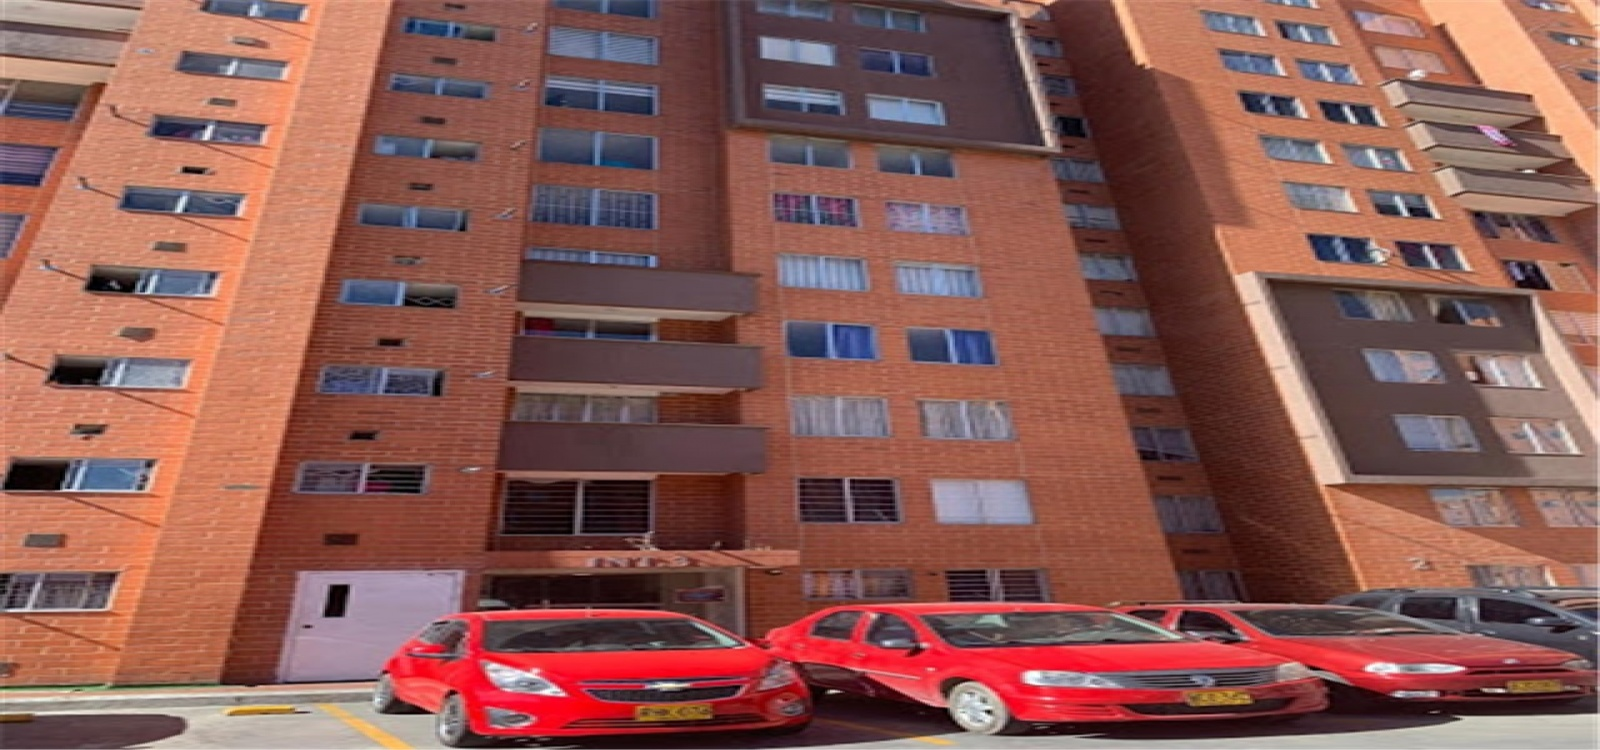 67 b 75 70, Bogotá, Sur, Madelena, 3 Habitaciones Habitaciones,1 BañoBathrooms,Apartamentos,Arriendo,70,2332